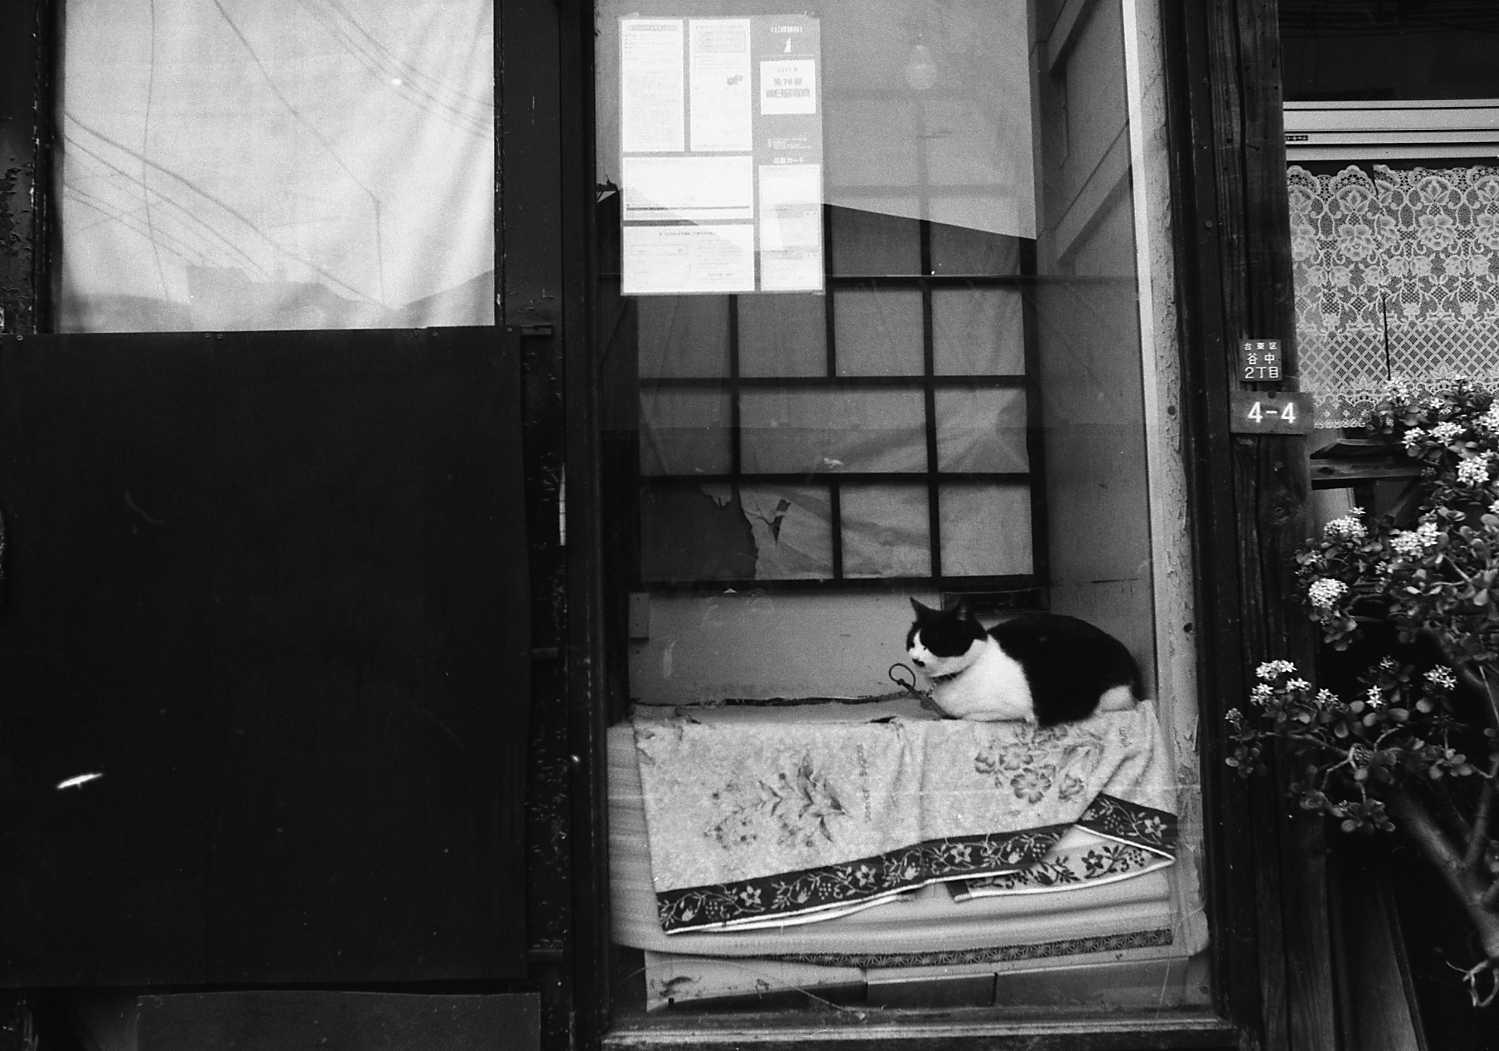 ワークショップ東京下町撮影 第2弾 _f0050534_17455970.jpg